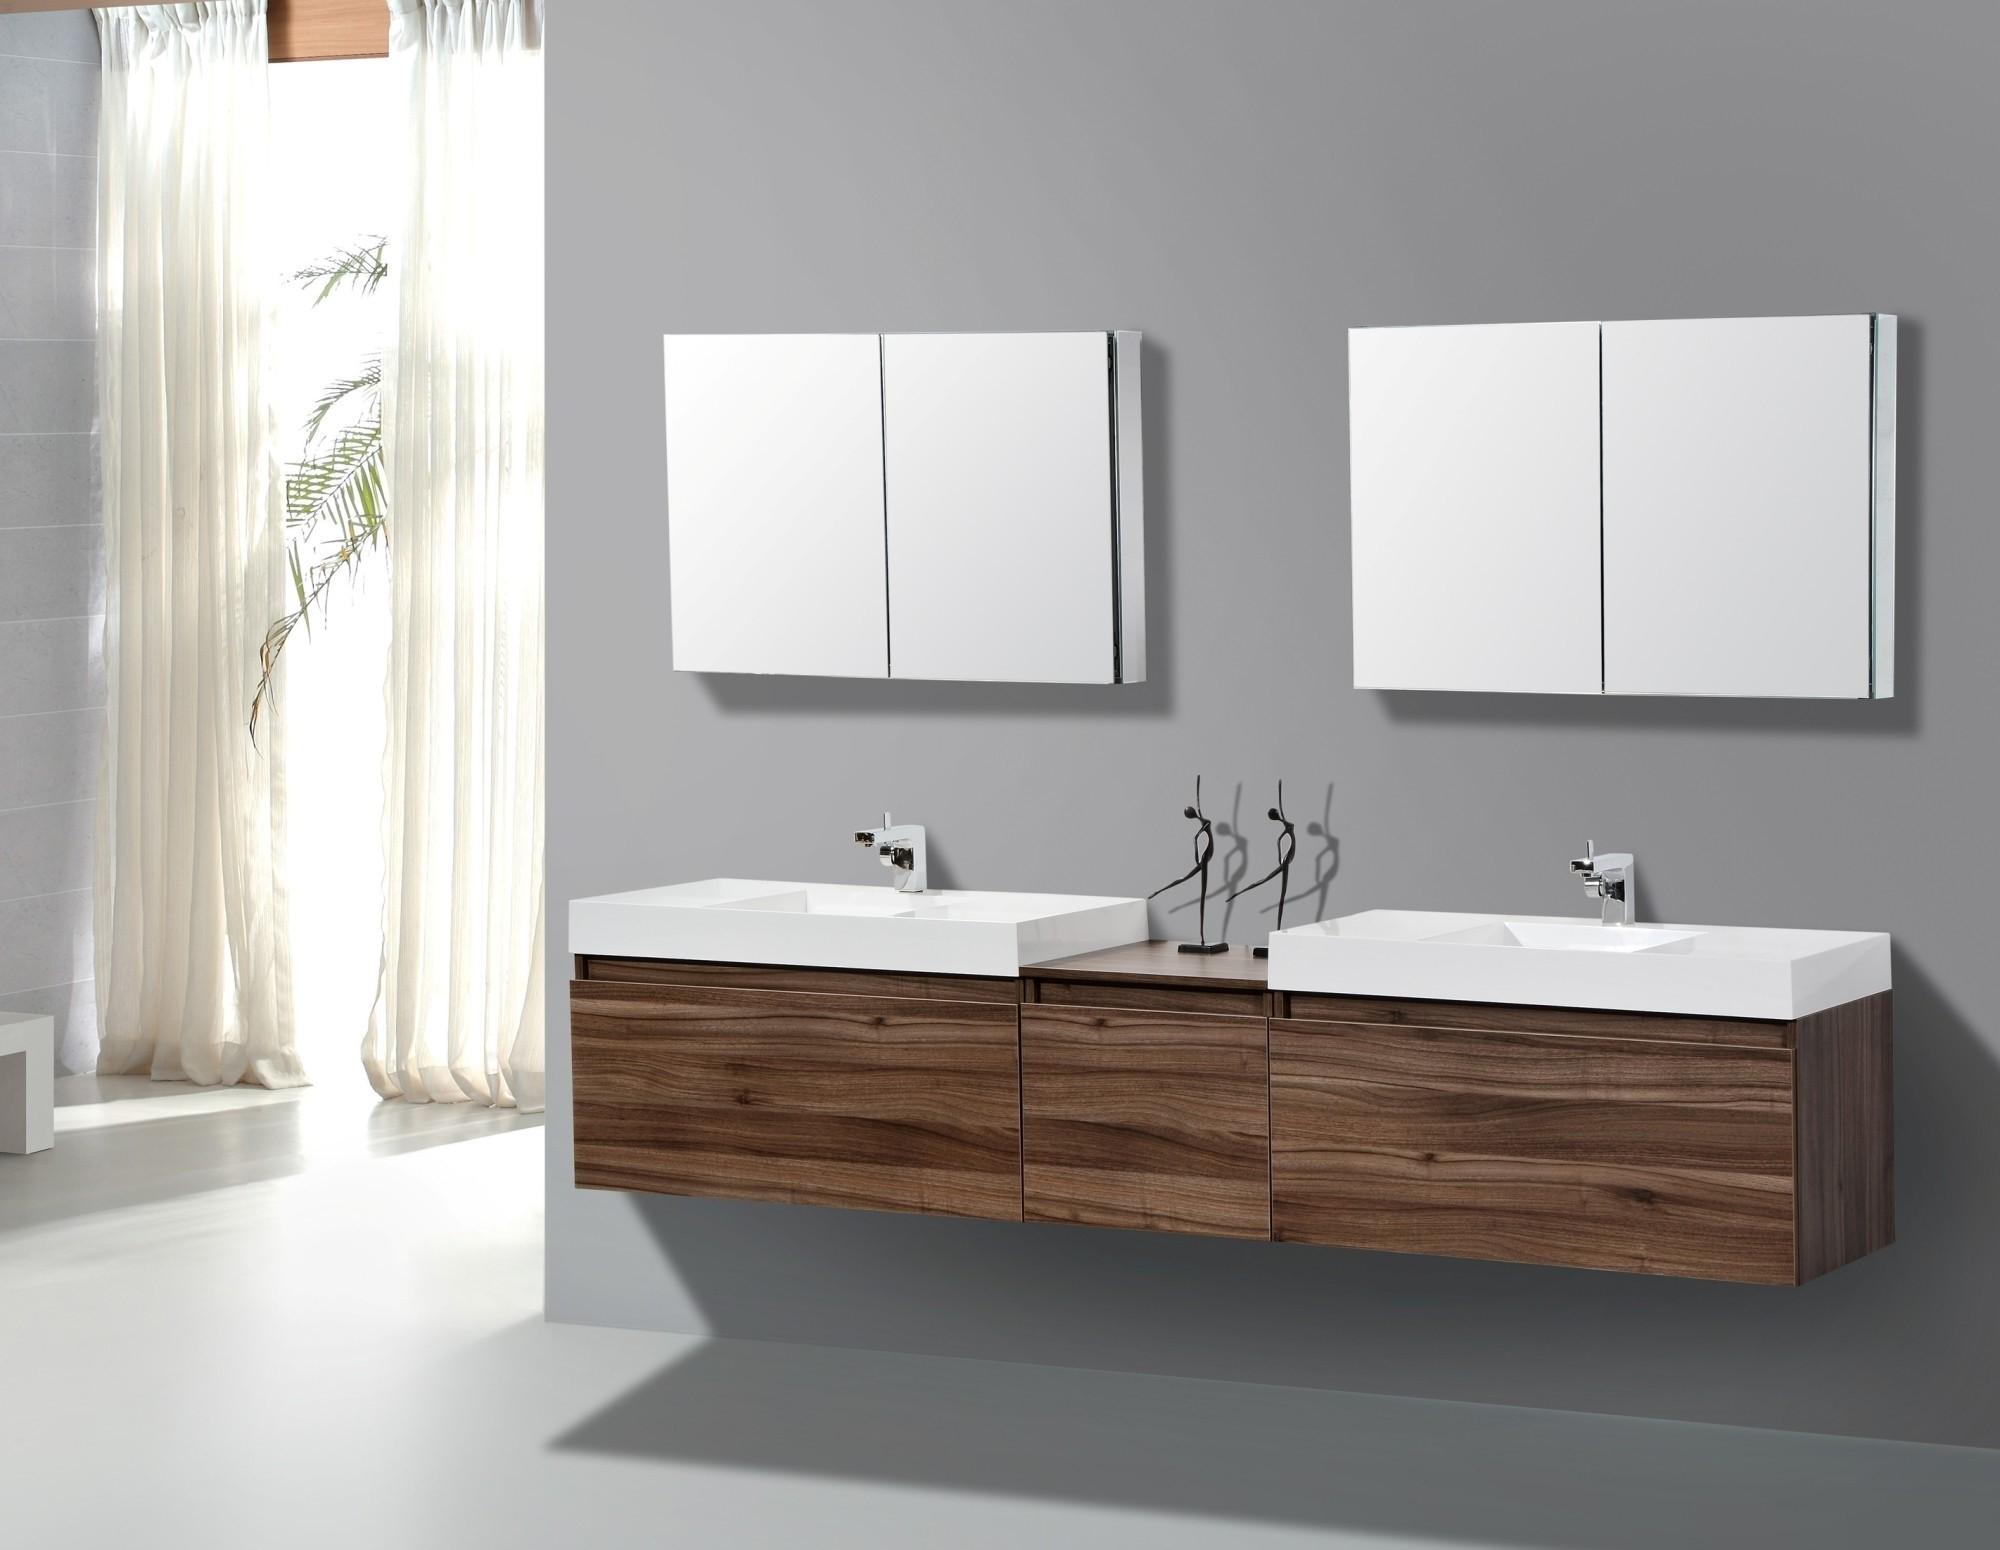 Floating Bathroom Vanity Wonderful Vanity Floating Bathroom Sink Modern Bathroom Vanity Table Portrait